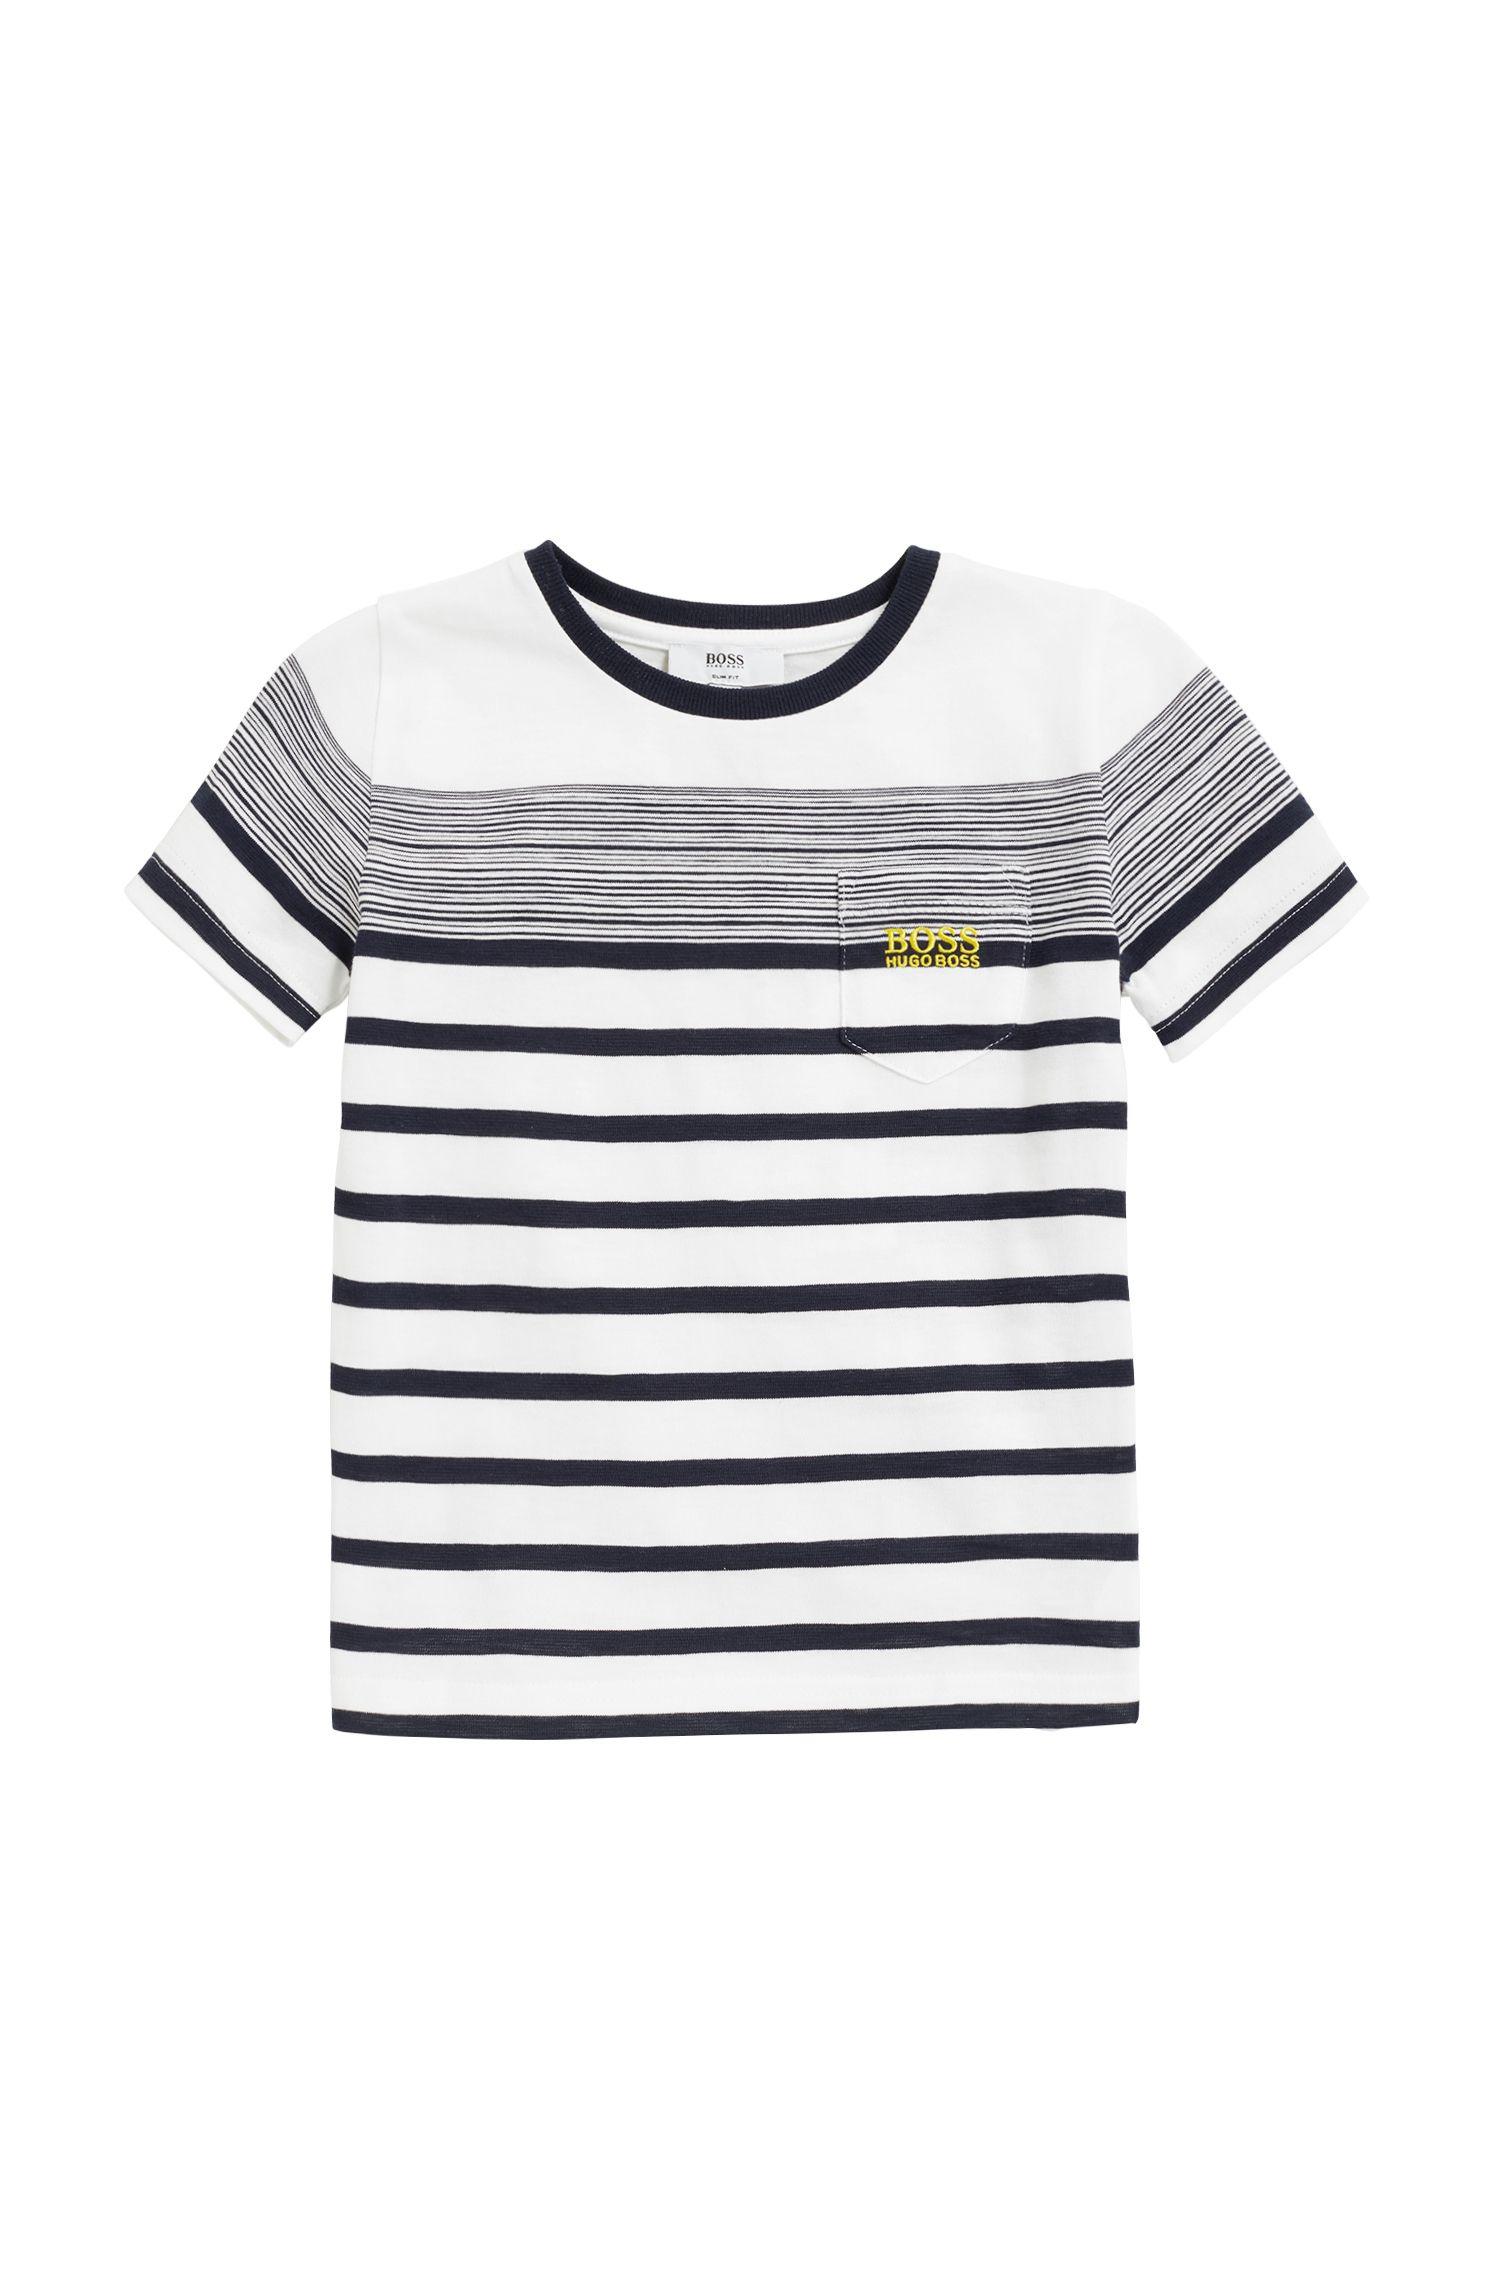 T-shirt pour enfant à rayures bretonnes, en jersey de coton flammé